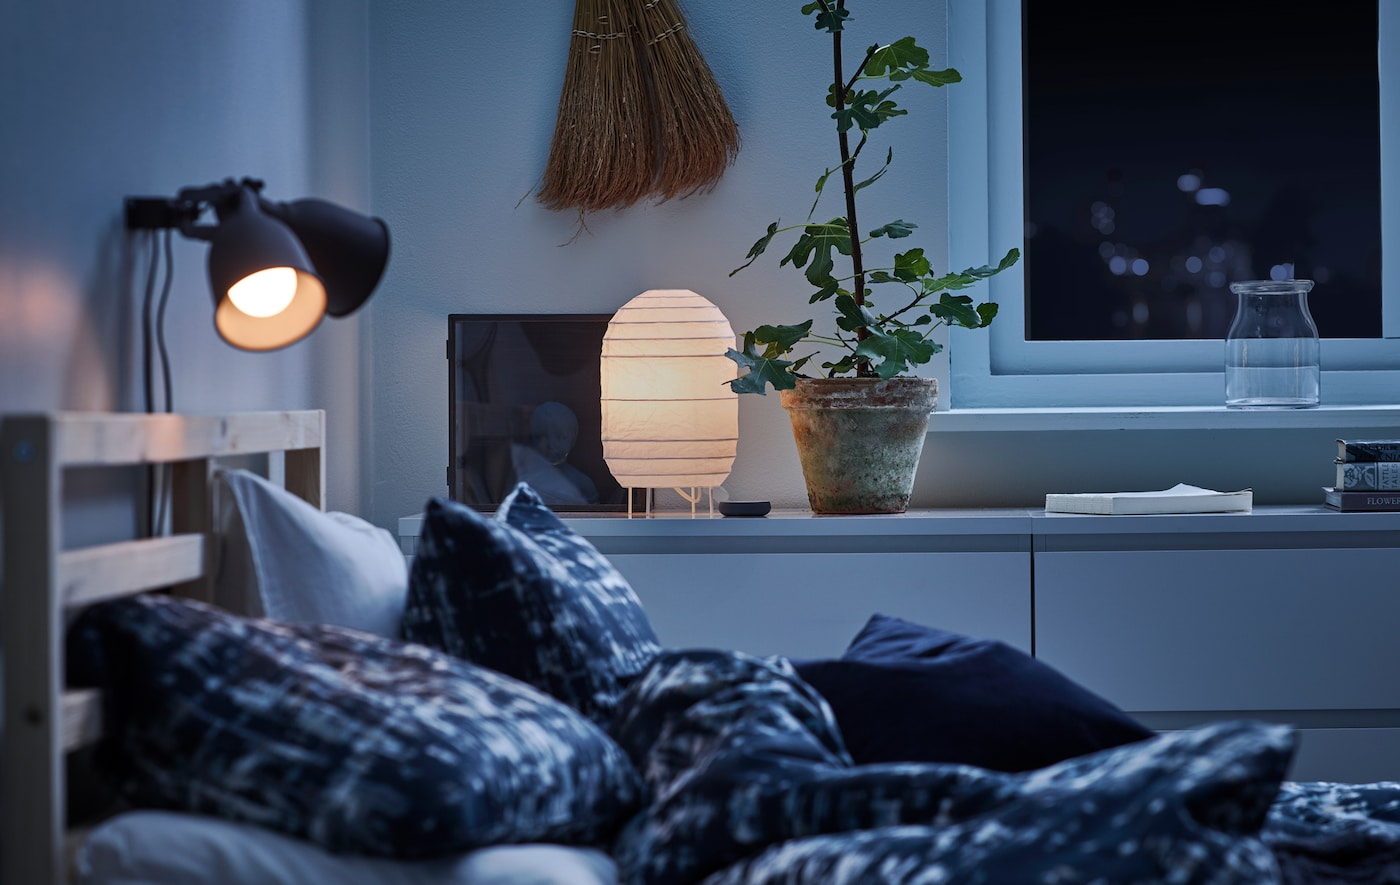 Usa l'illuminazione per ricreare quell'atmosfera calda e intima che rende la casa accogliente. Prova con una lampada in carta e una lampadina a luce calda, come la lampada STORUMAN sulla cassettiera.